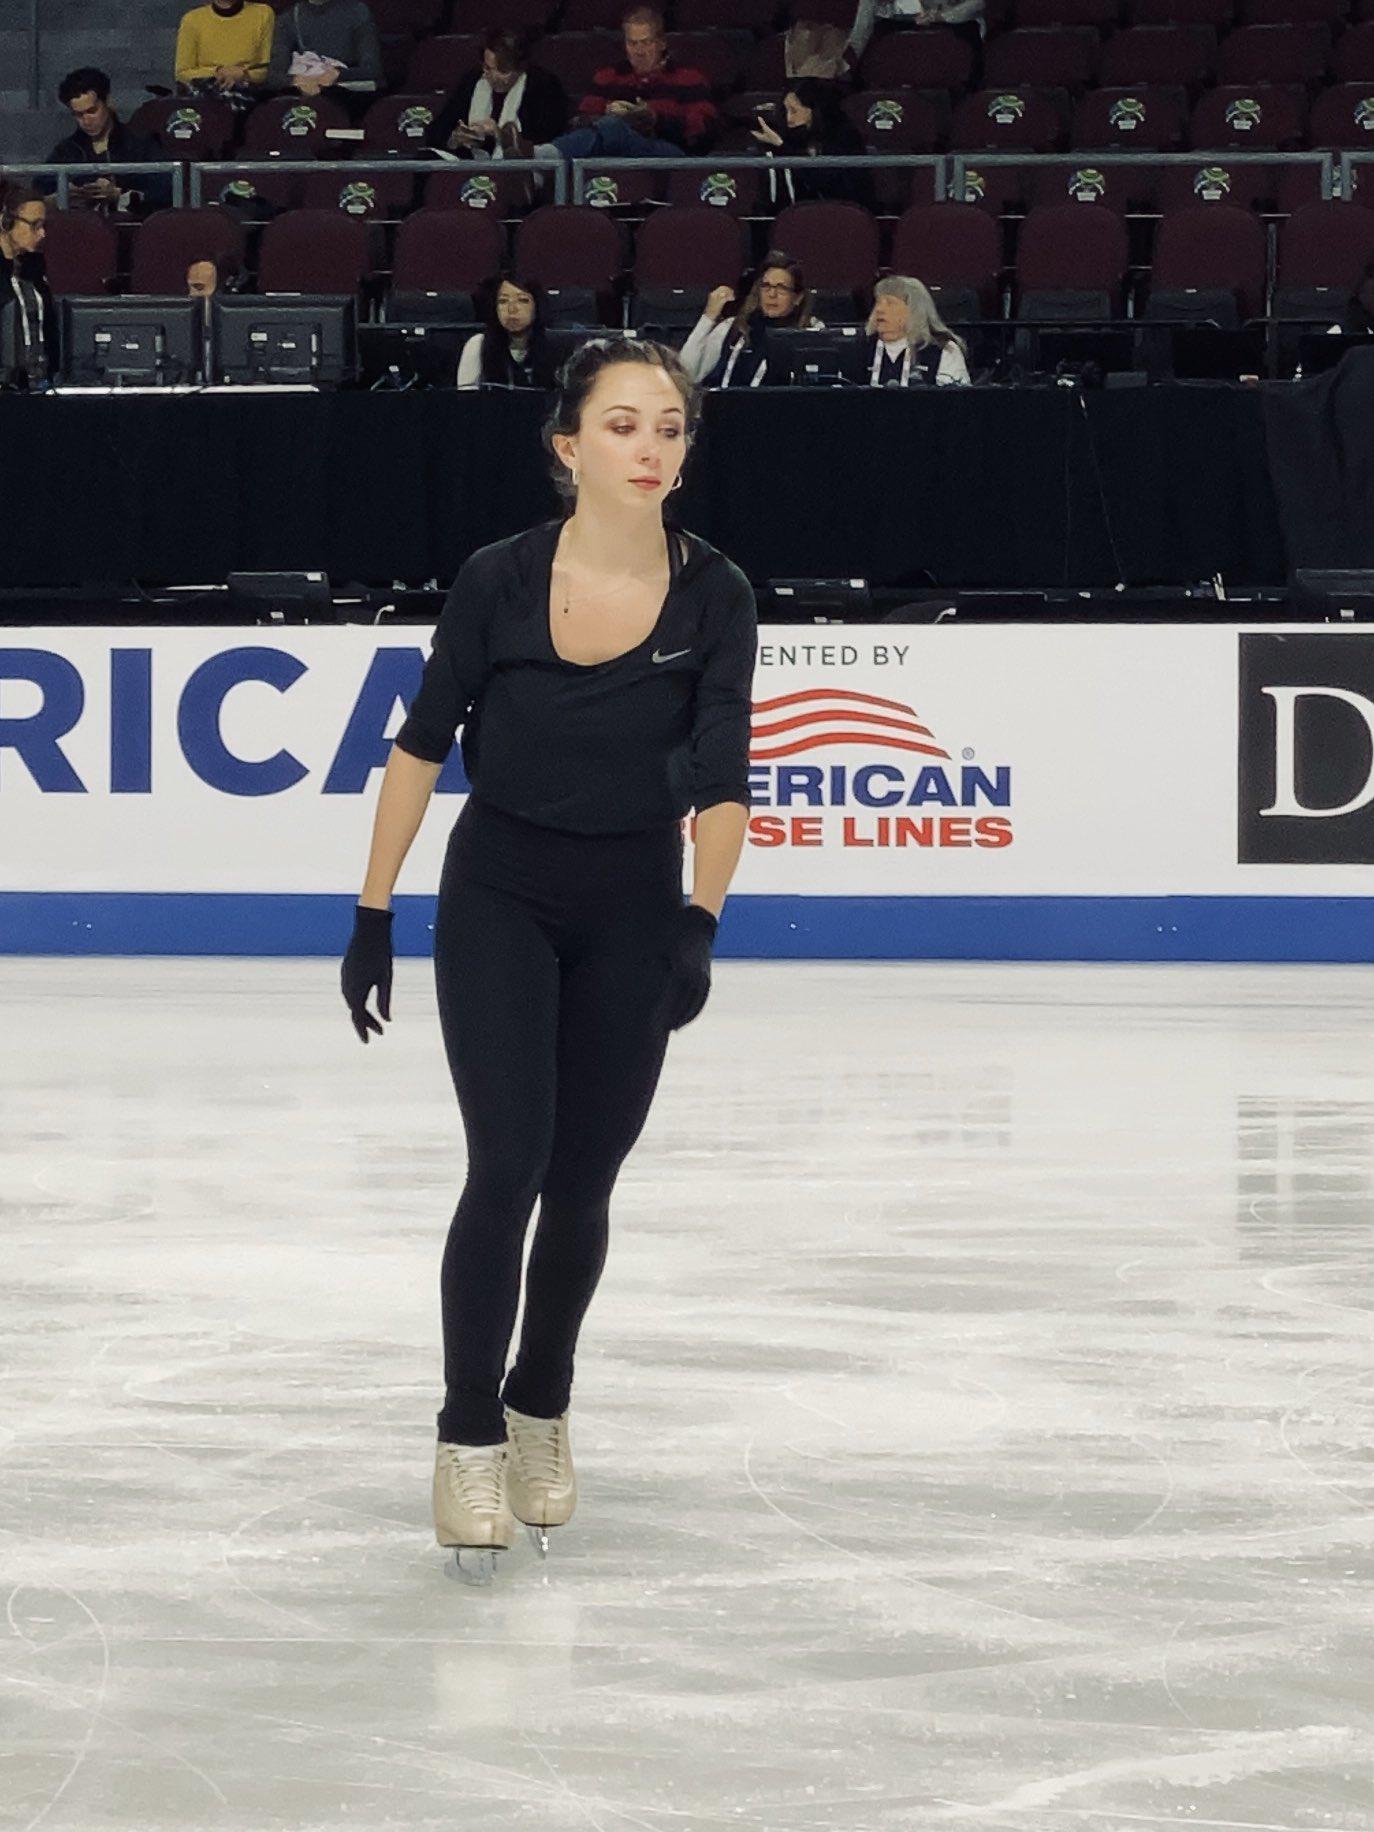 GP - 1 этап. Skate America Las Vegas, NV / USA October 18-20, 2019   - Страница 6 EHL0NpLWkAErNRL?format=jpg&name=large